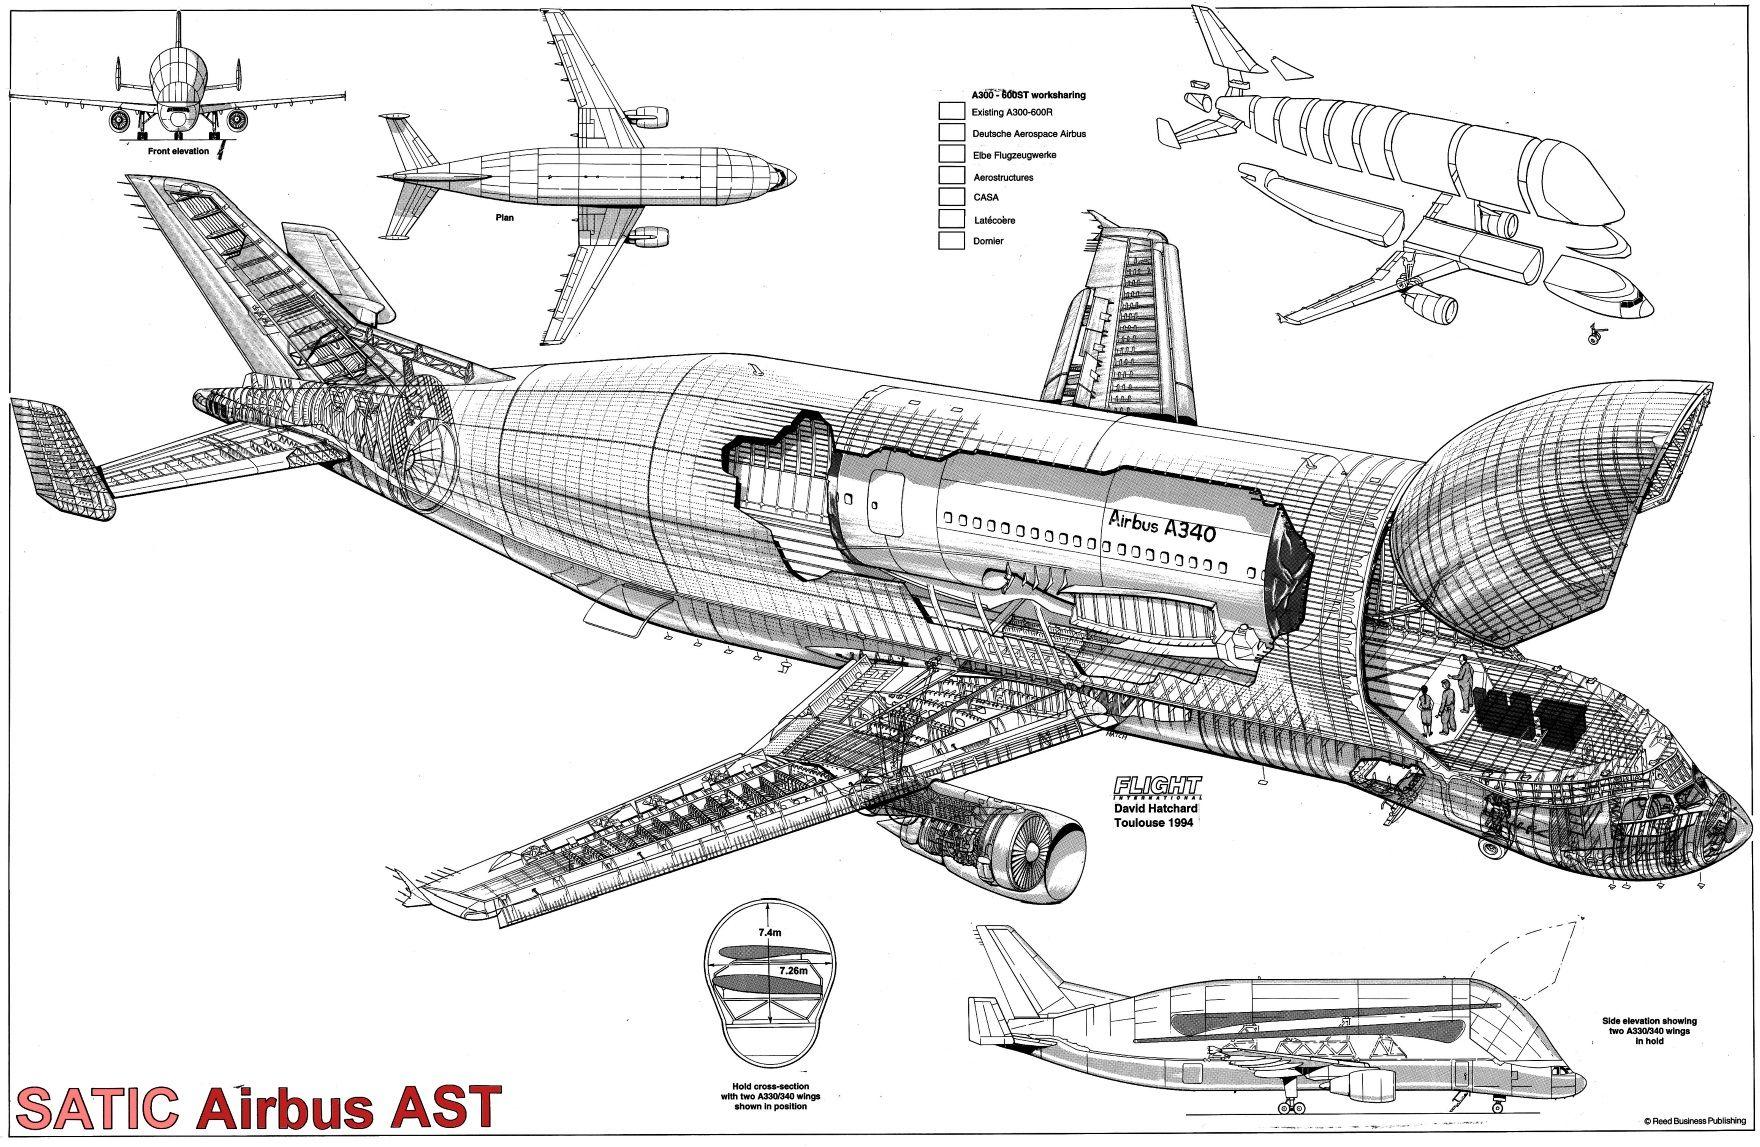 Airbus Ast